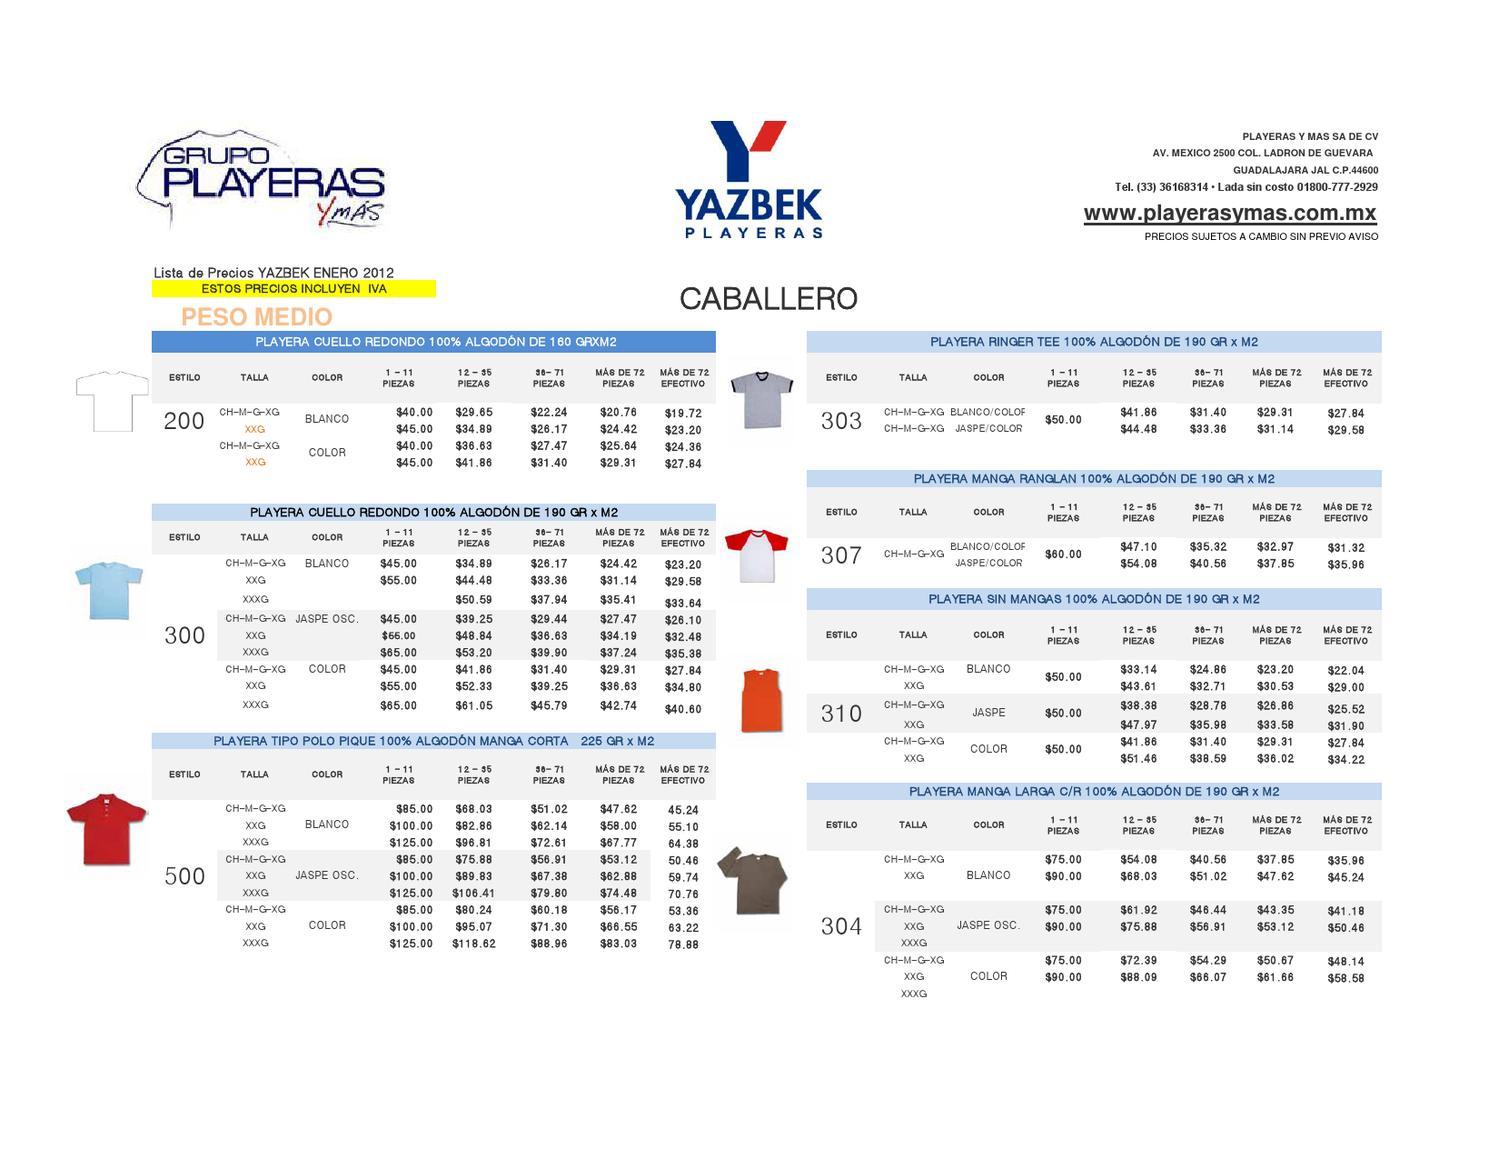 f25804c018cd0 Lista de Precios Playeras Yazbek 2012 by Playeras y más Vallarta - issuu.  Lista de Precios Playeras. Playeras Yazbek Niño Blanca -   31.00 en Mercado  Libre